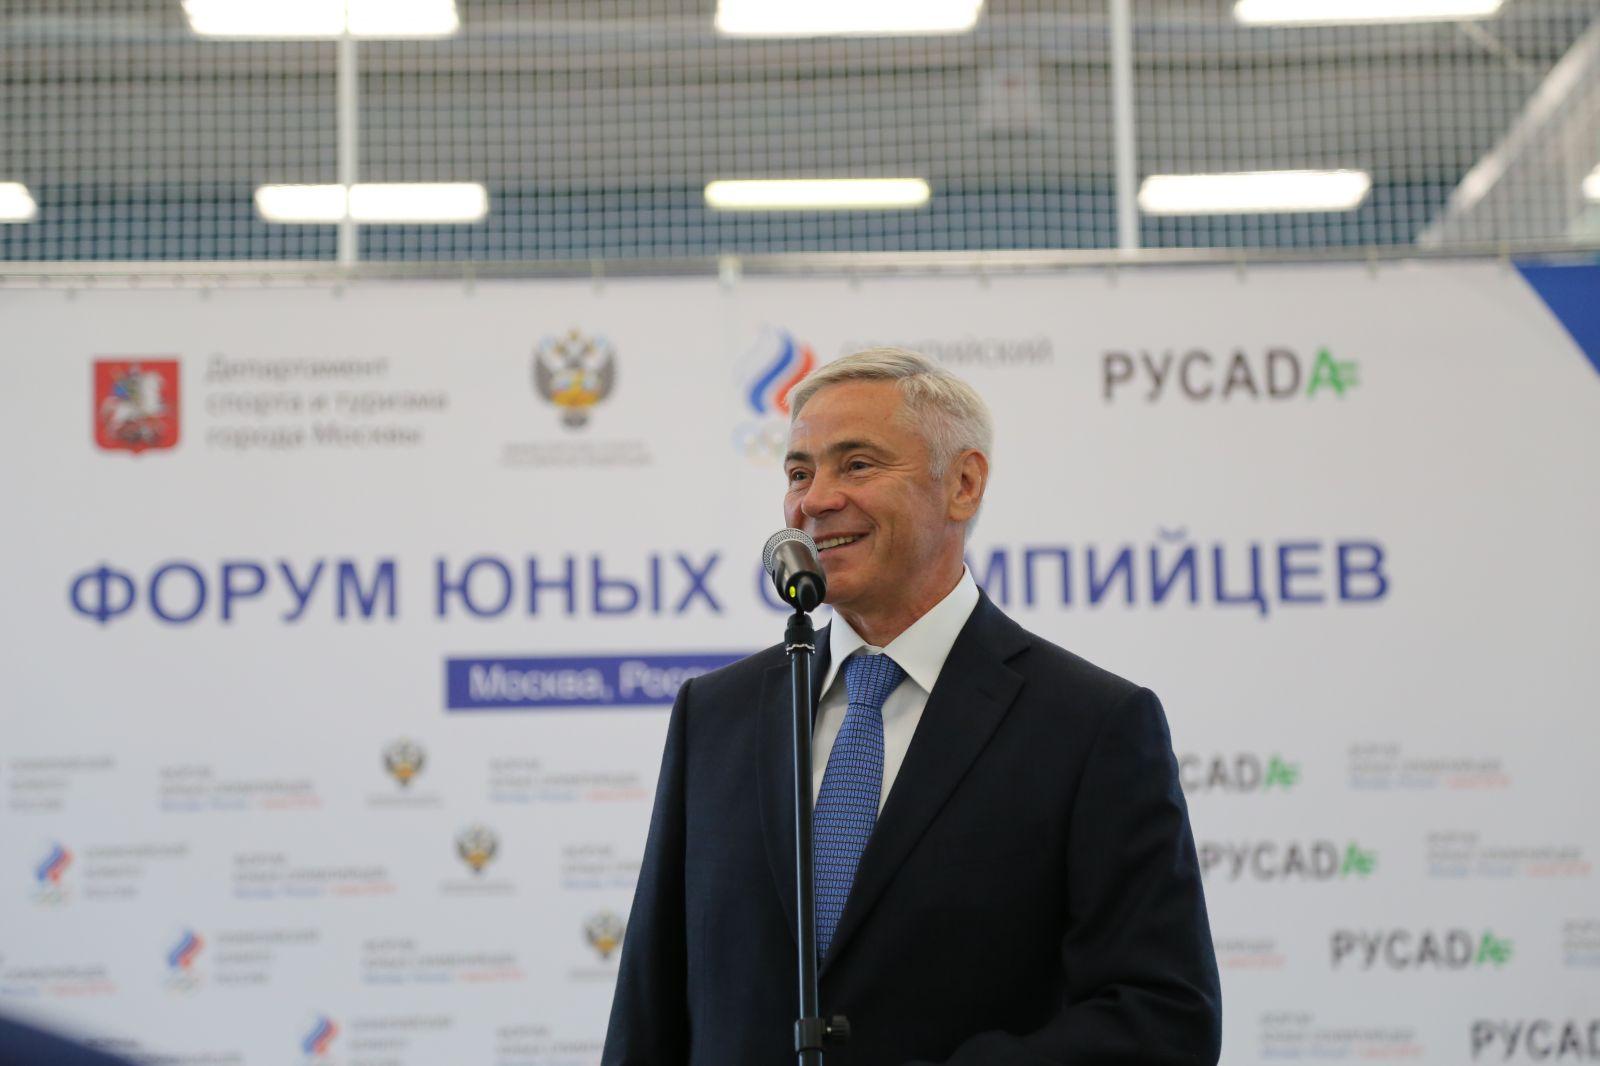 П.А. Рожков в Международный день защиты детей в Центре спортивных технологий Москомспорта принял участие в Форуме юных олимпийцев